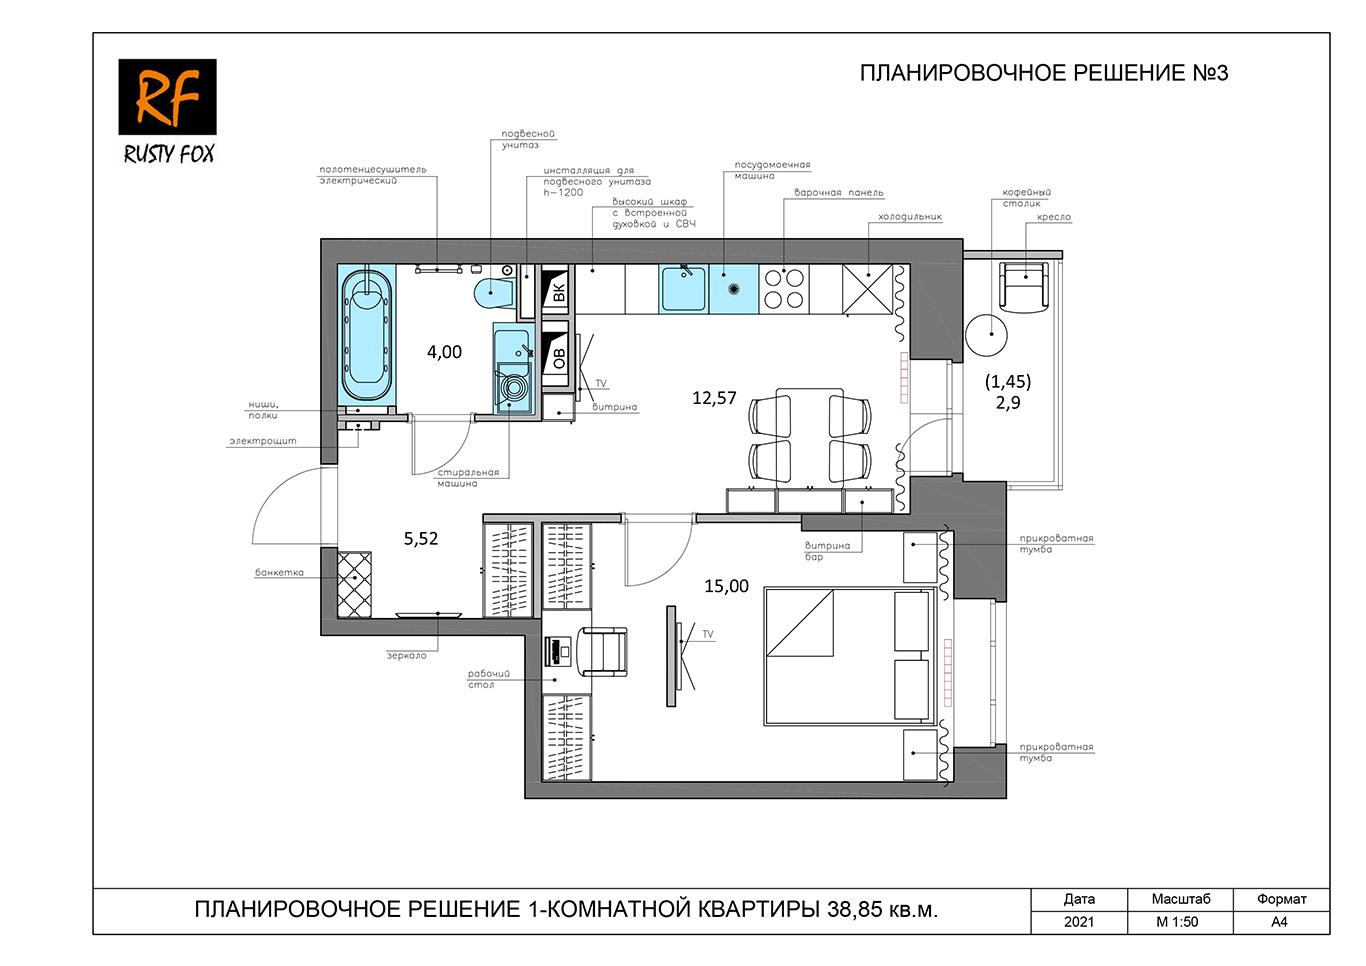 ЖК Люберцы корпус 54. 1-комнатная квартира правая 38,85 кв.м. Планировочное решение №3